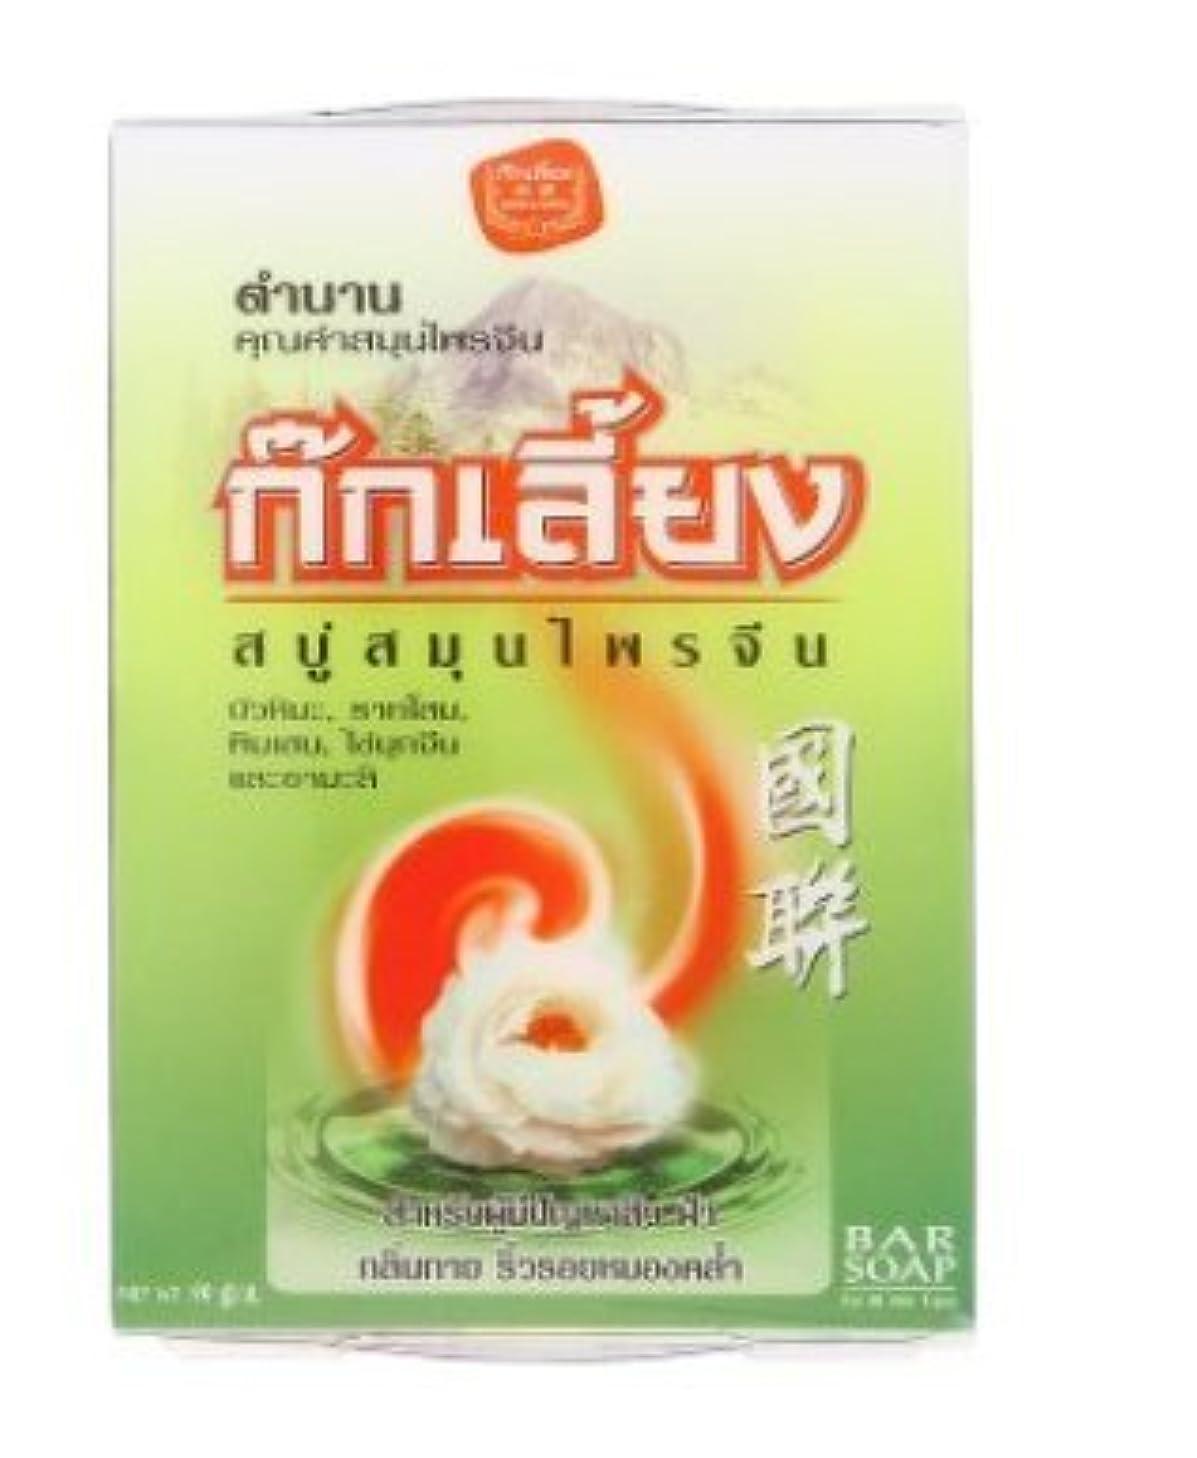 ドック九月落ち着かないAsian Mall 中国語 ハーブソープ 顔と体のため ( 90g x 2pcs ) / Chinese Herbal Bar Soap for Face and Body Kok Liang